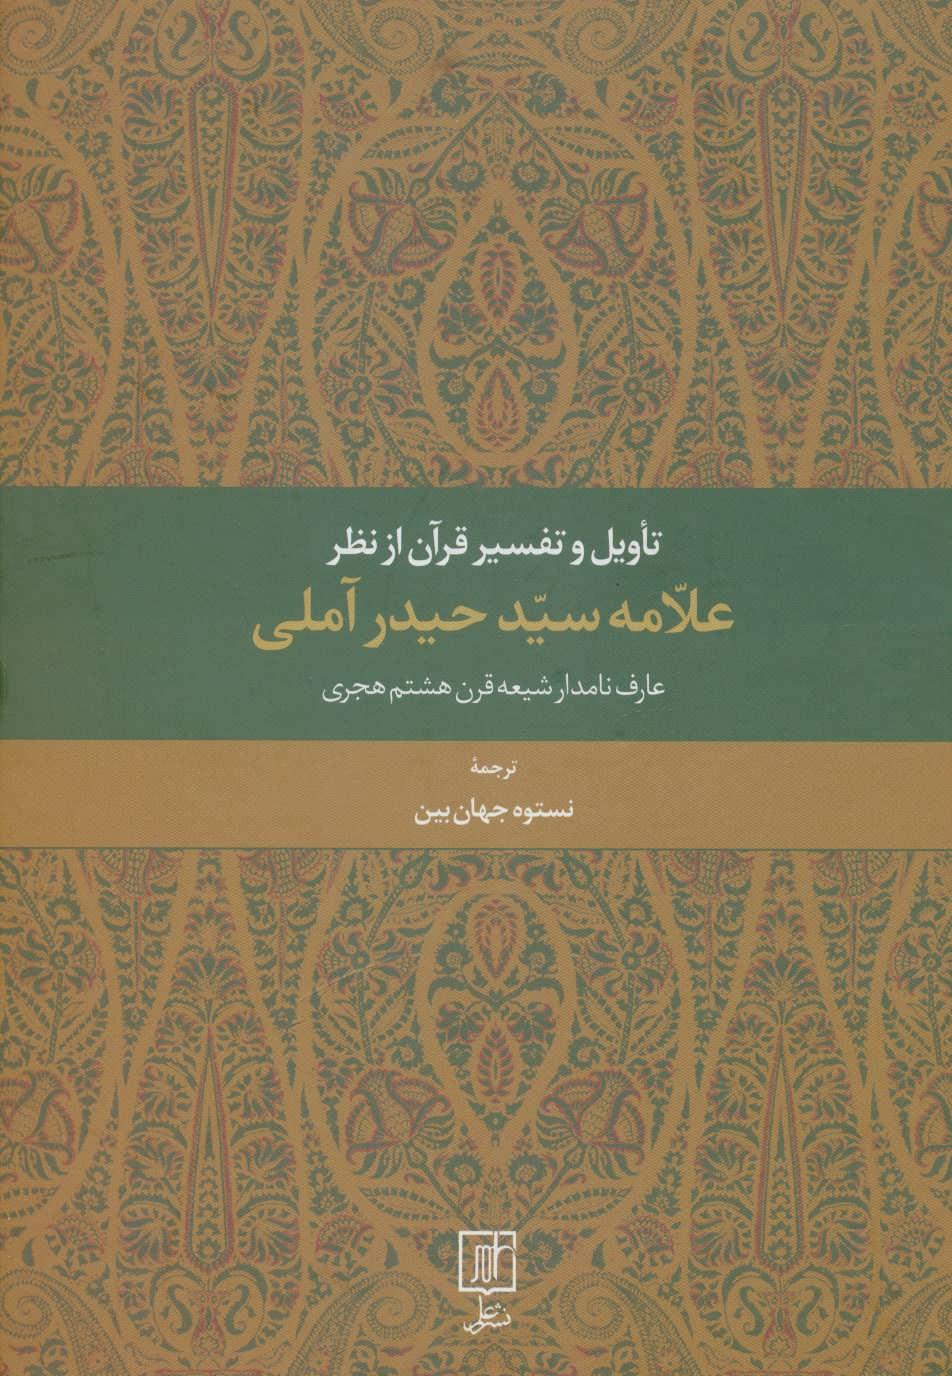 تاویل و تفسیر قرآن از نظر علامه سید حیدر آملی